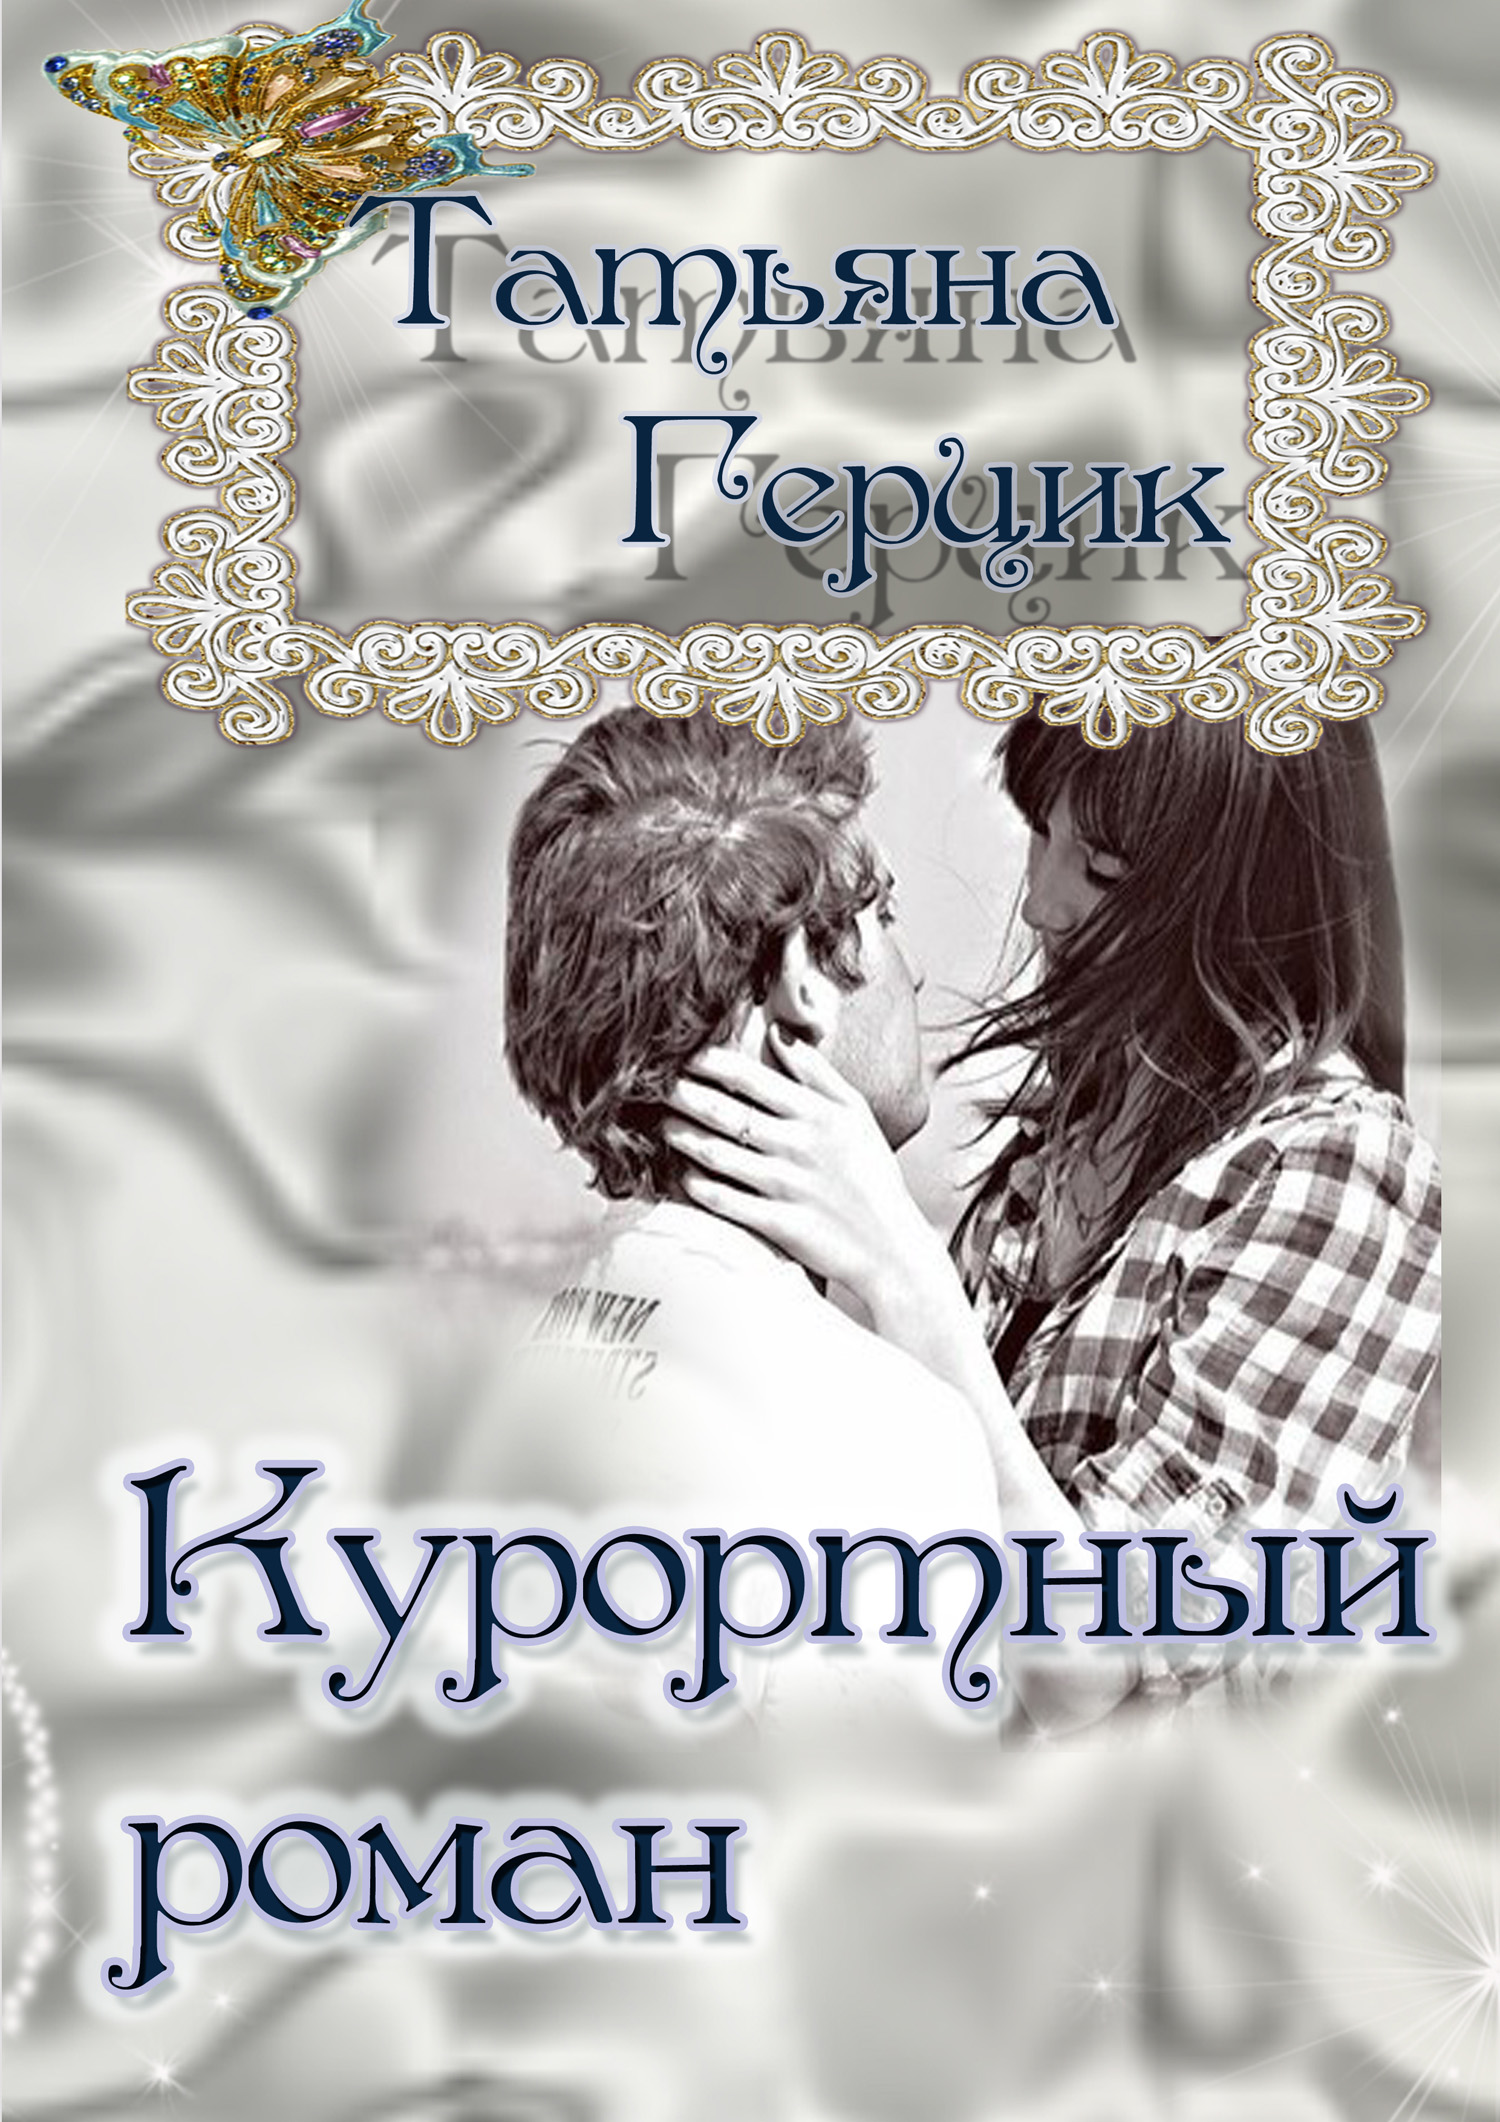 Татьяна Герцик Курортный роман свитшот print bar на пути в неизвестность